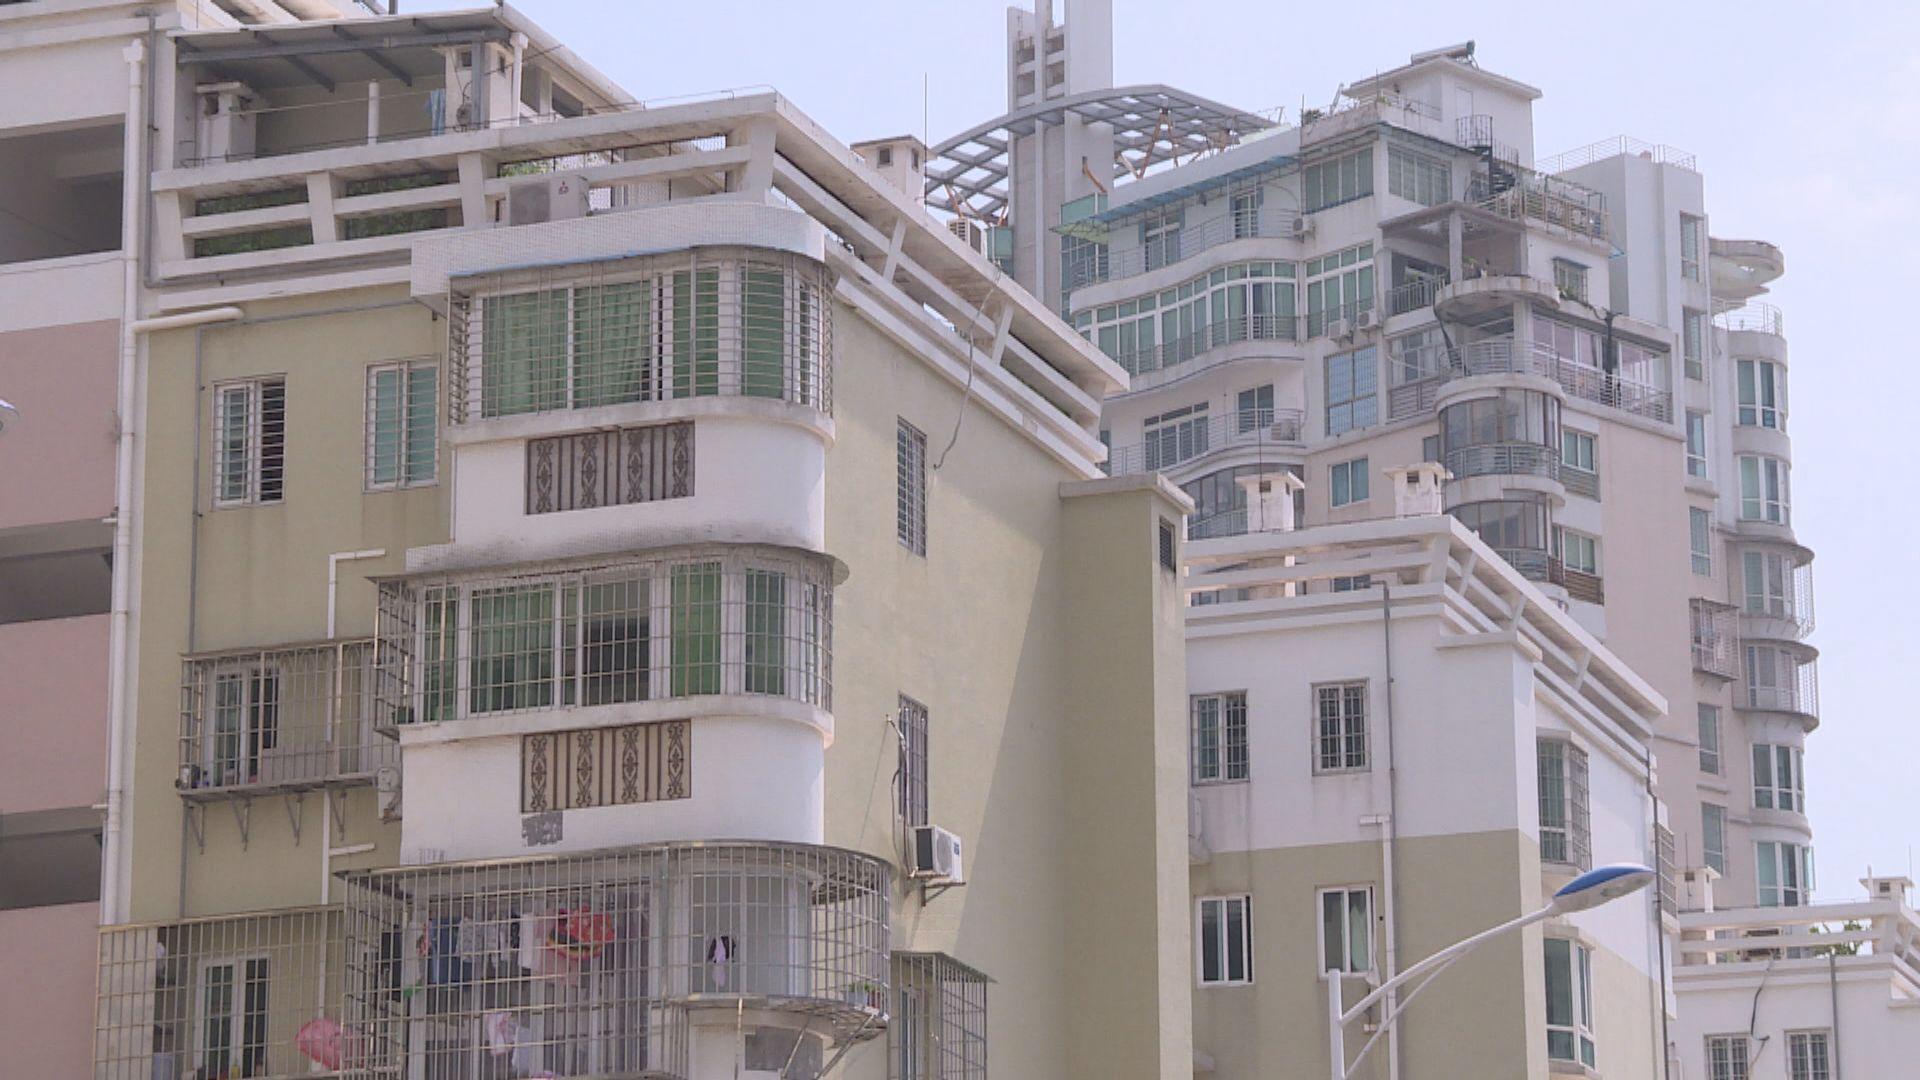 東莞市凌晨發布通知出台多項房地產調控新措施